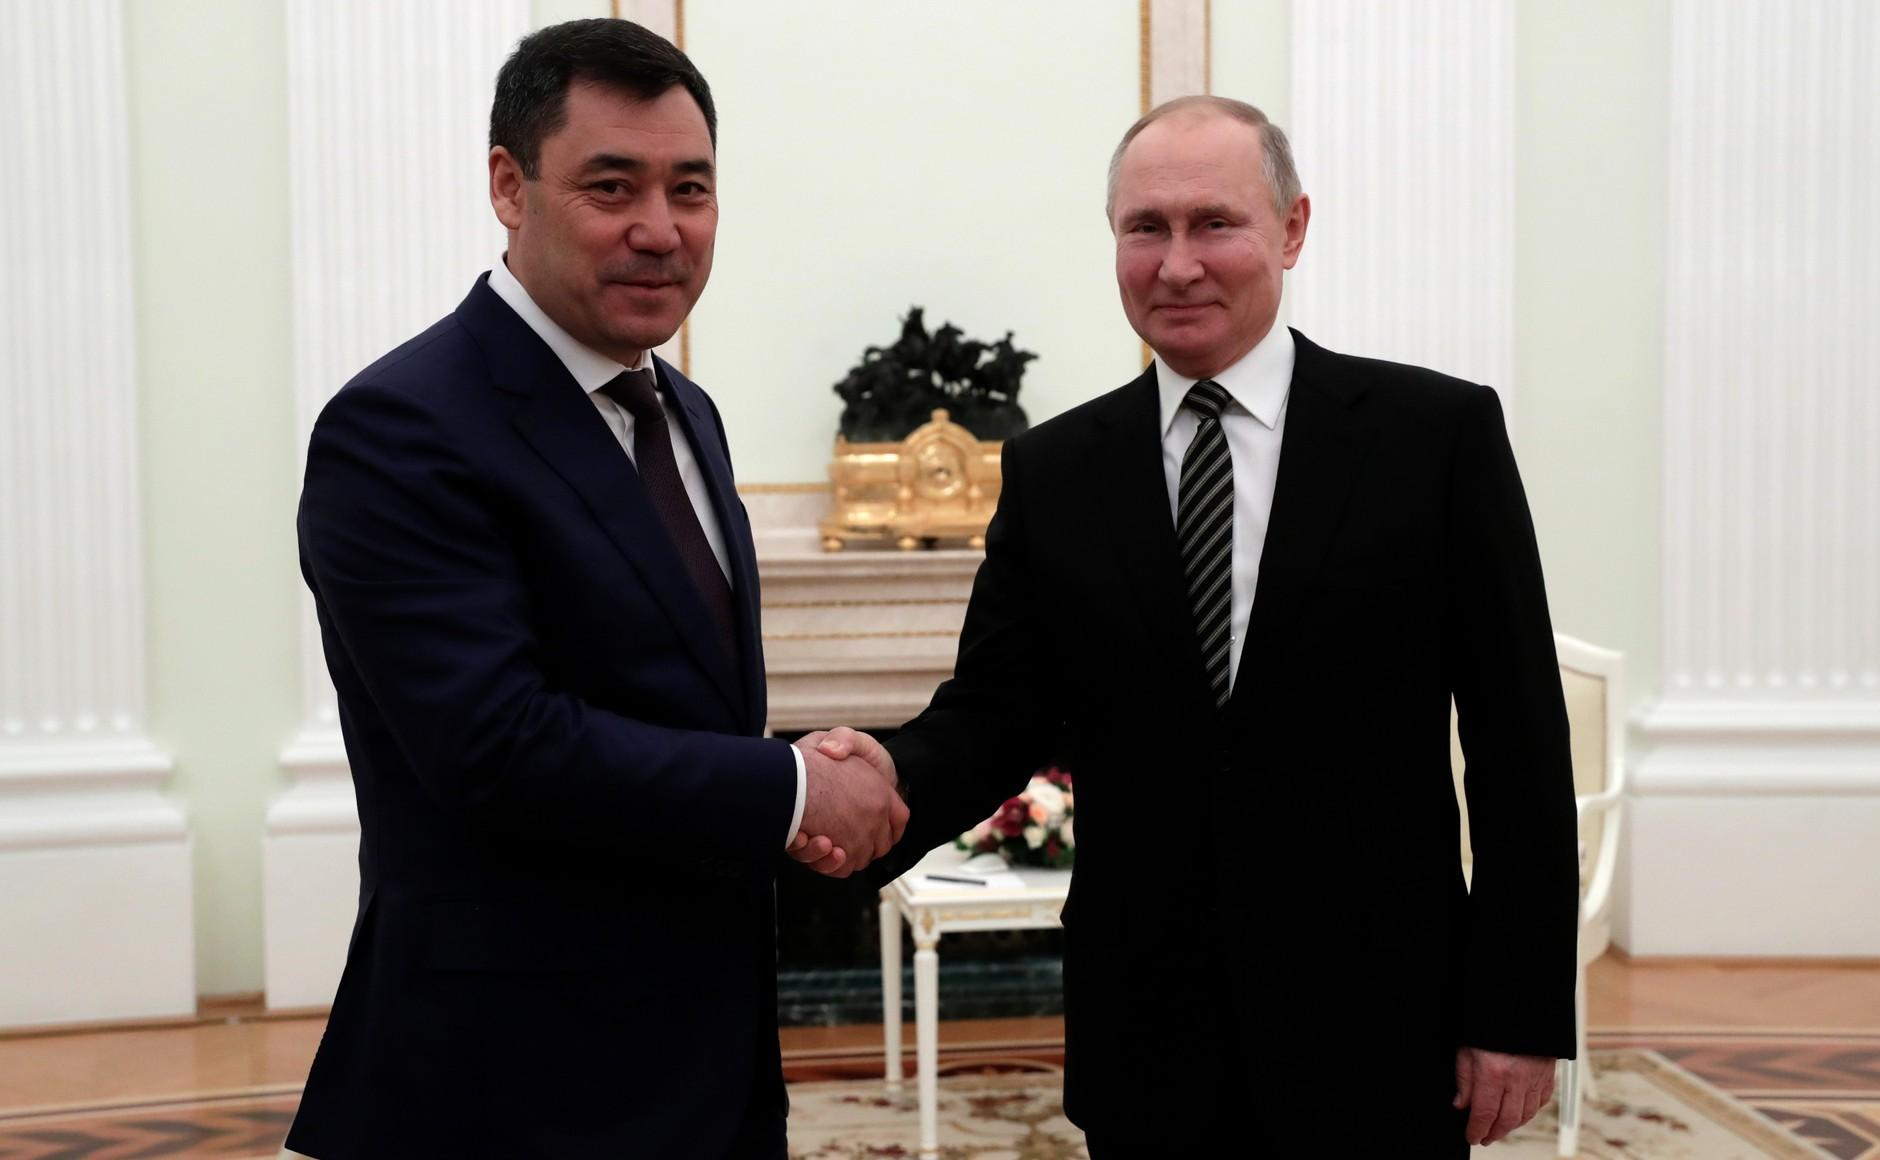 KIRGHISTAN 3 XX 5 Rencontre avec le président du Kirghizistan Sadyr Japarov 24 février 2021